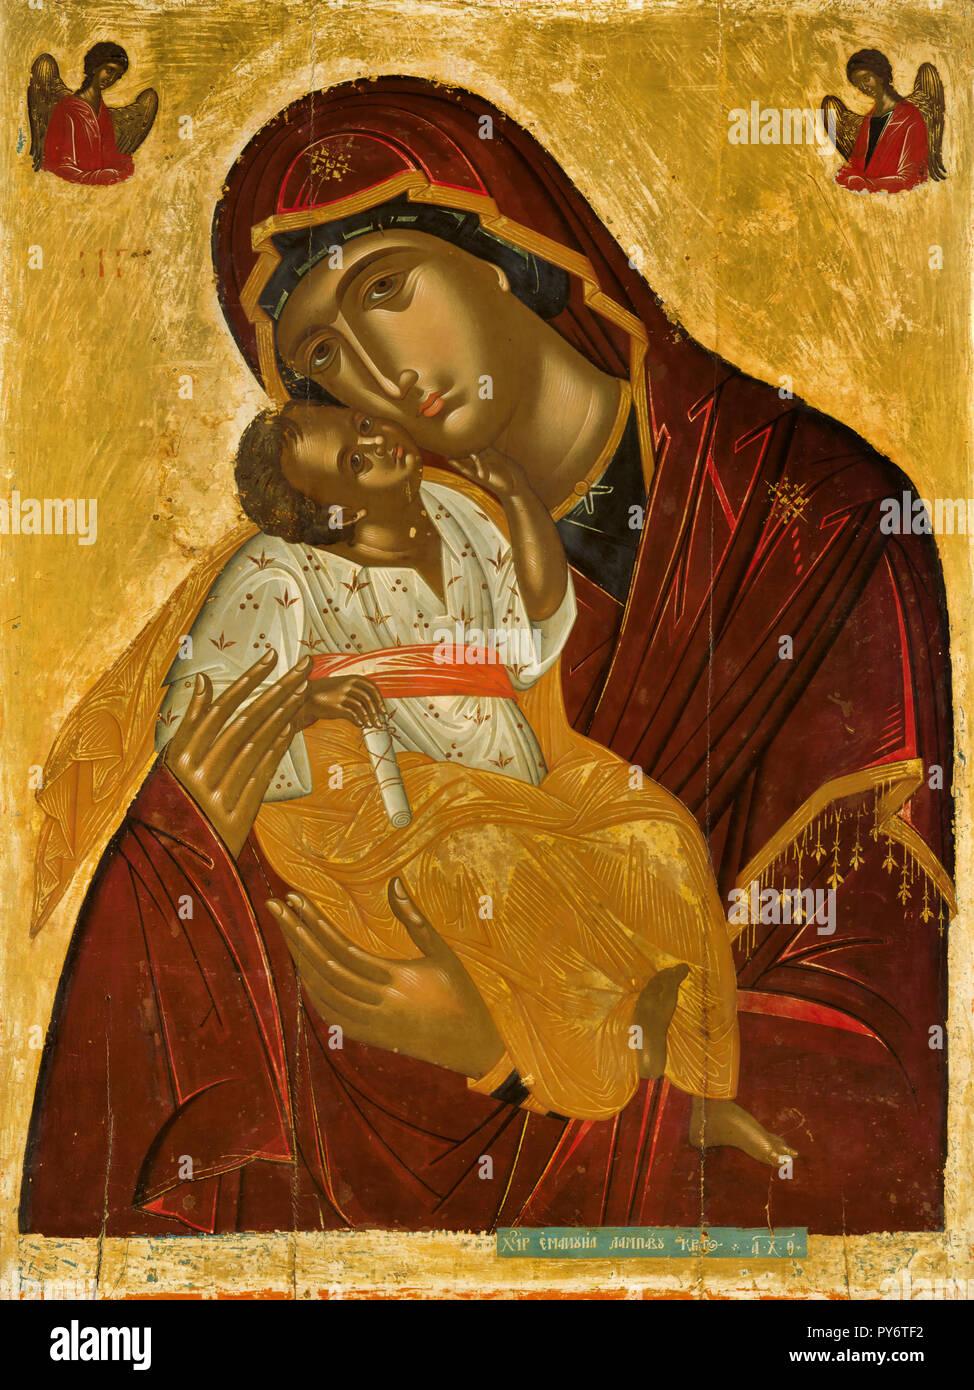 Lambardos Emmanuel, der Jungfrau der Zärtlichkeit 1609, Öl auf Leinwand, Benaki Museum, Athen, Griechenland. Stockbild